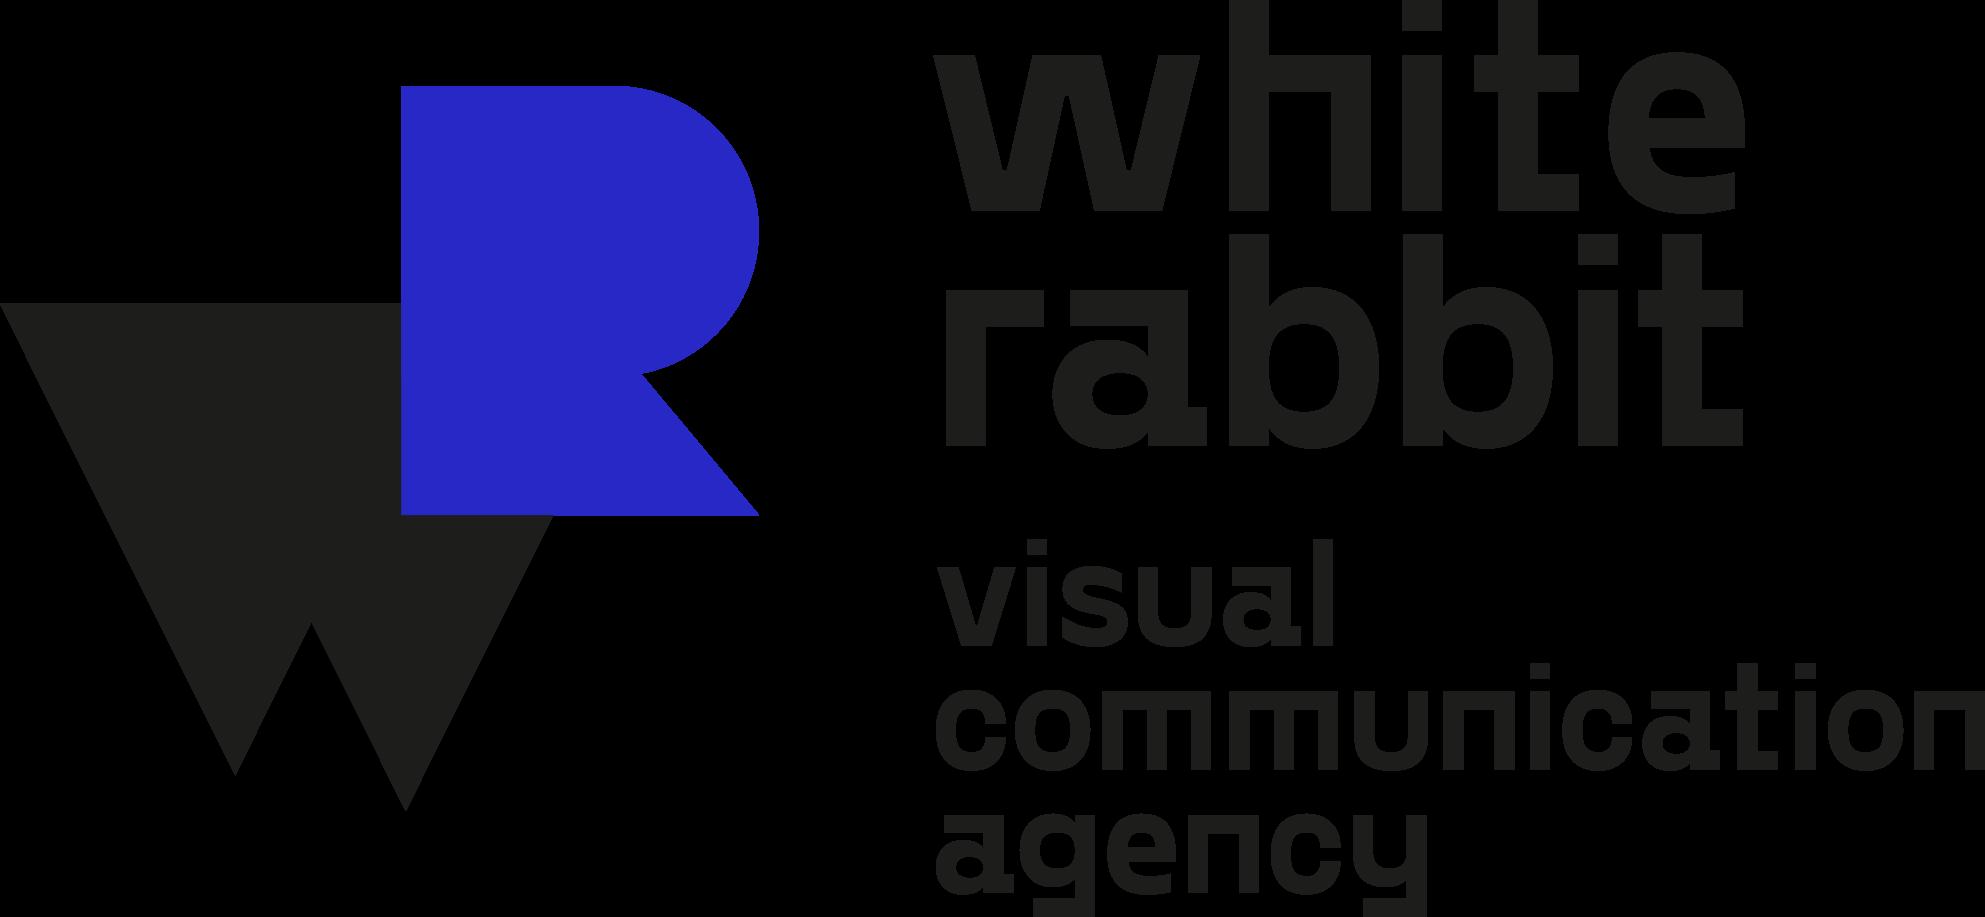 логотип white rabbit